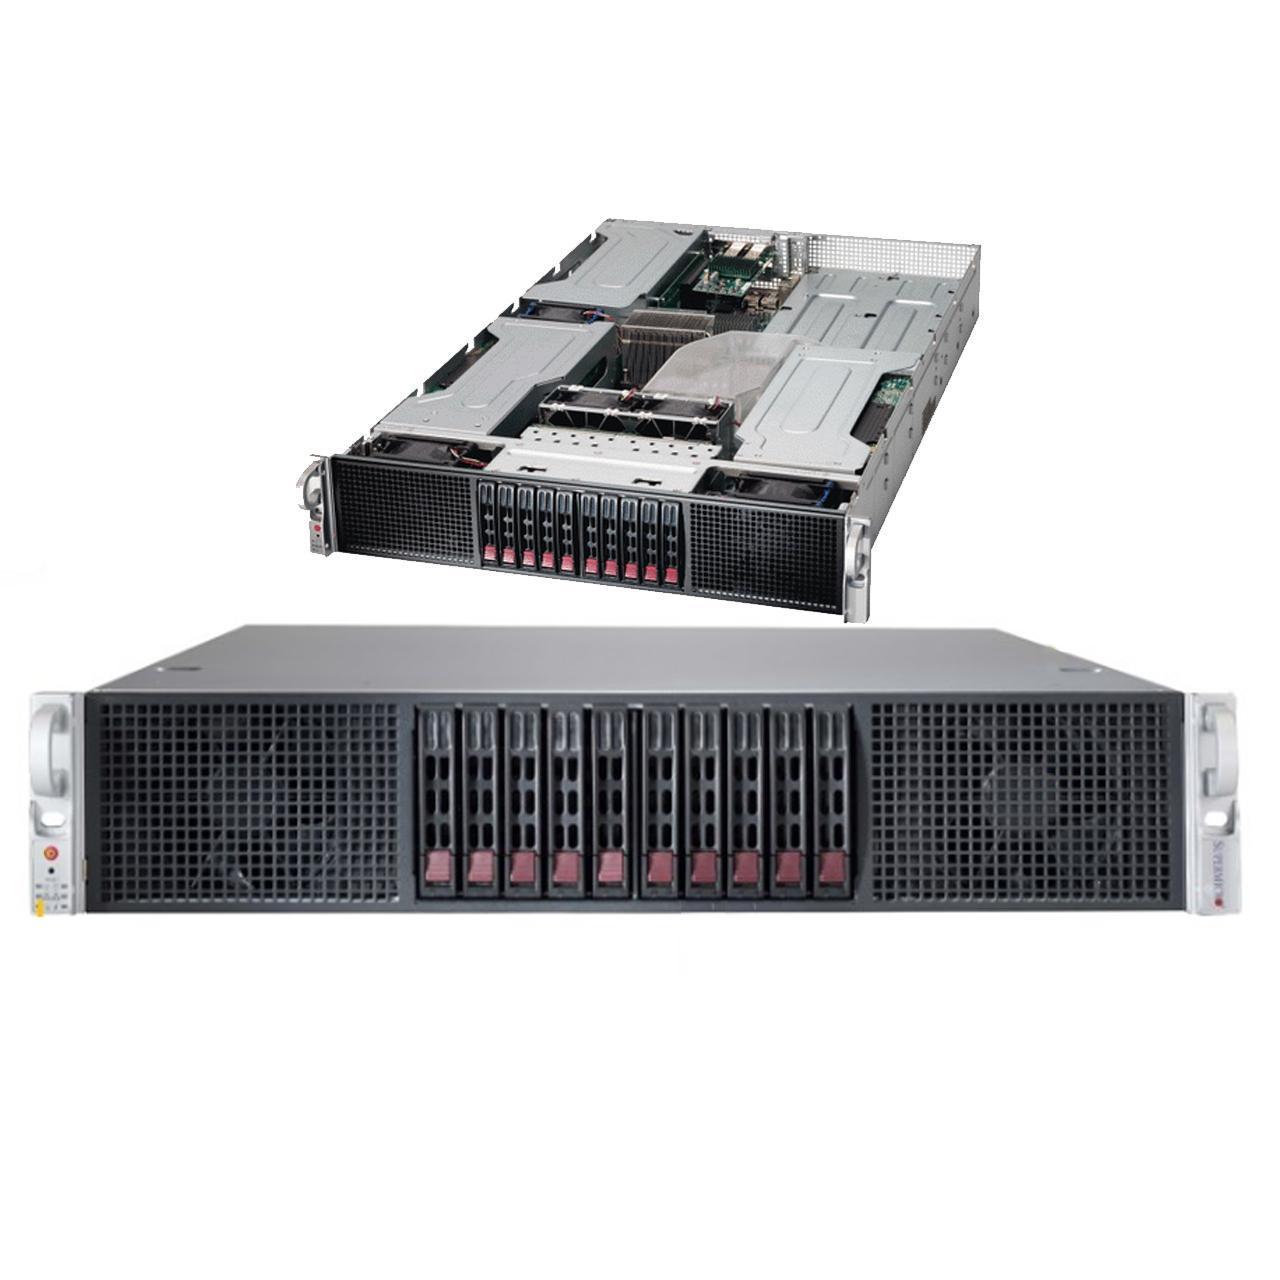 Платформа для сборки вычислительного сервера